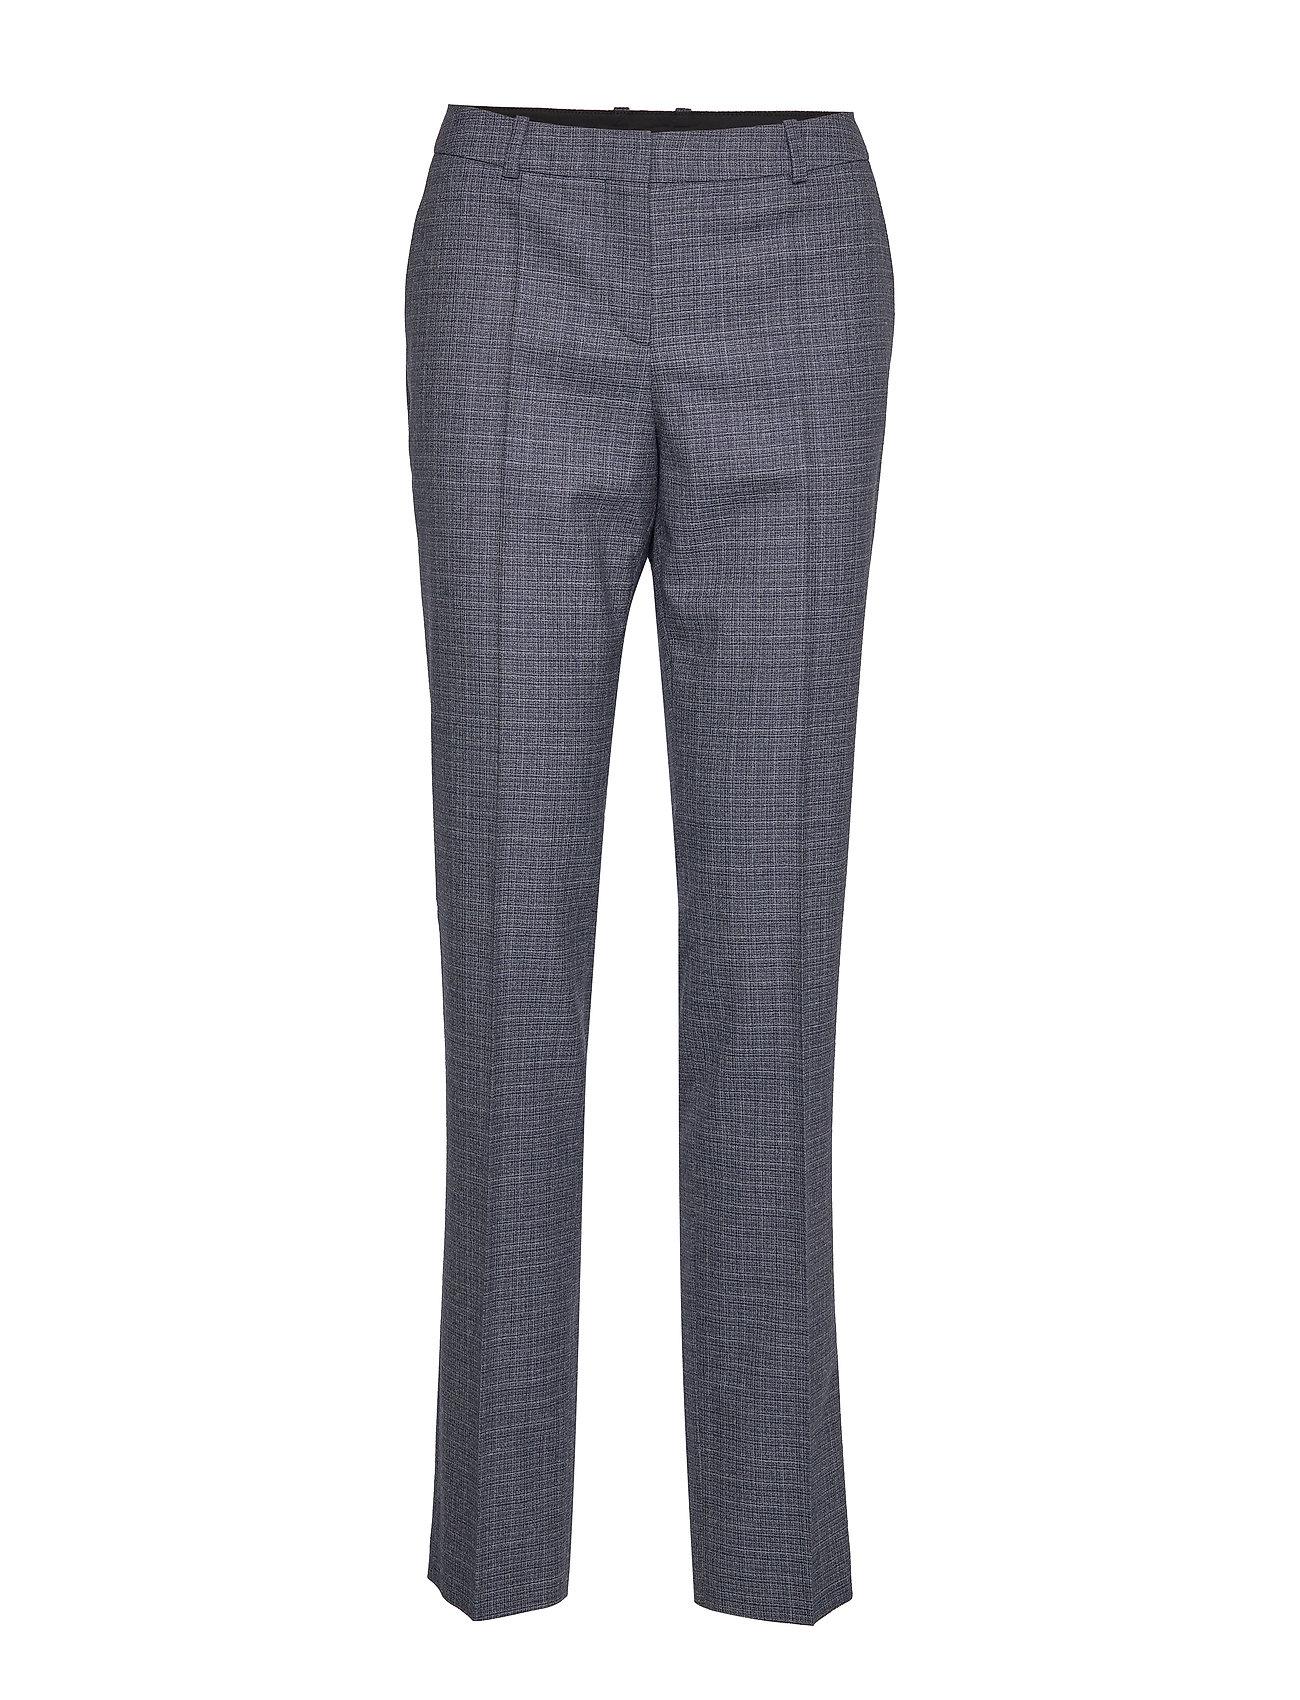 BOSS Business Wear Titana6 - OPEN MISCELLANEOUS